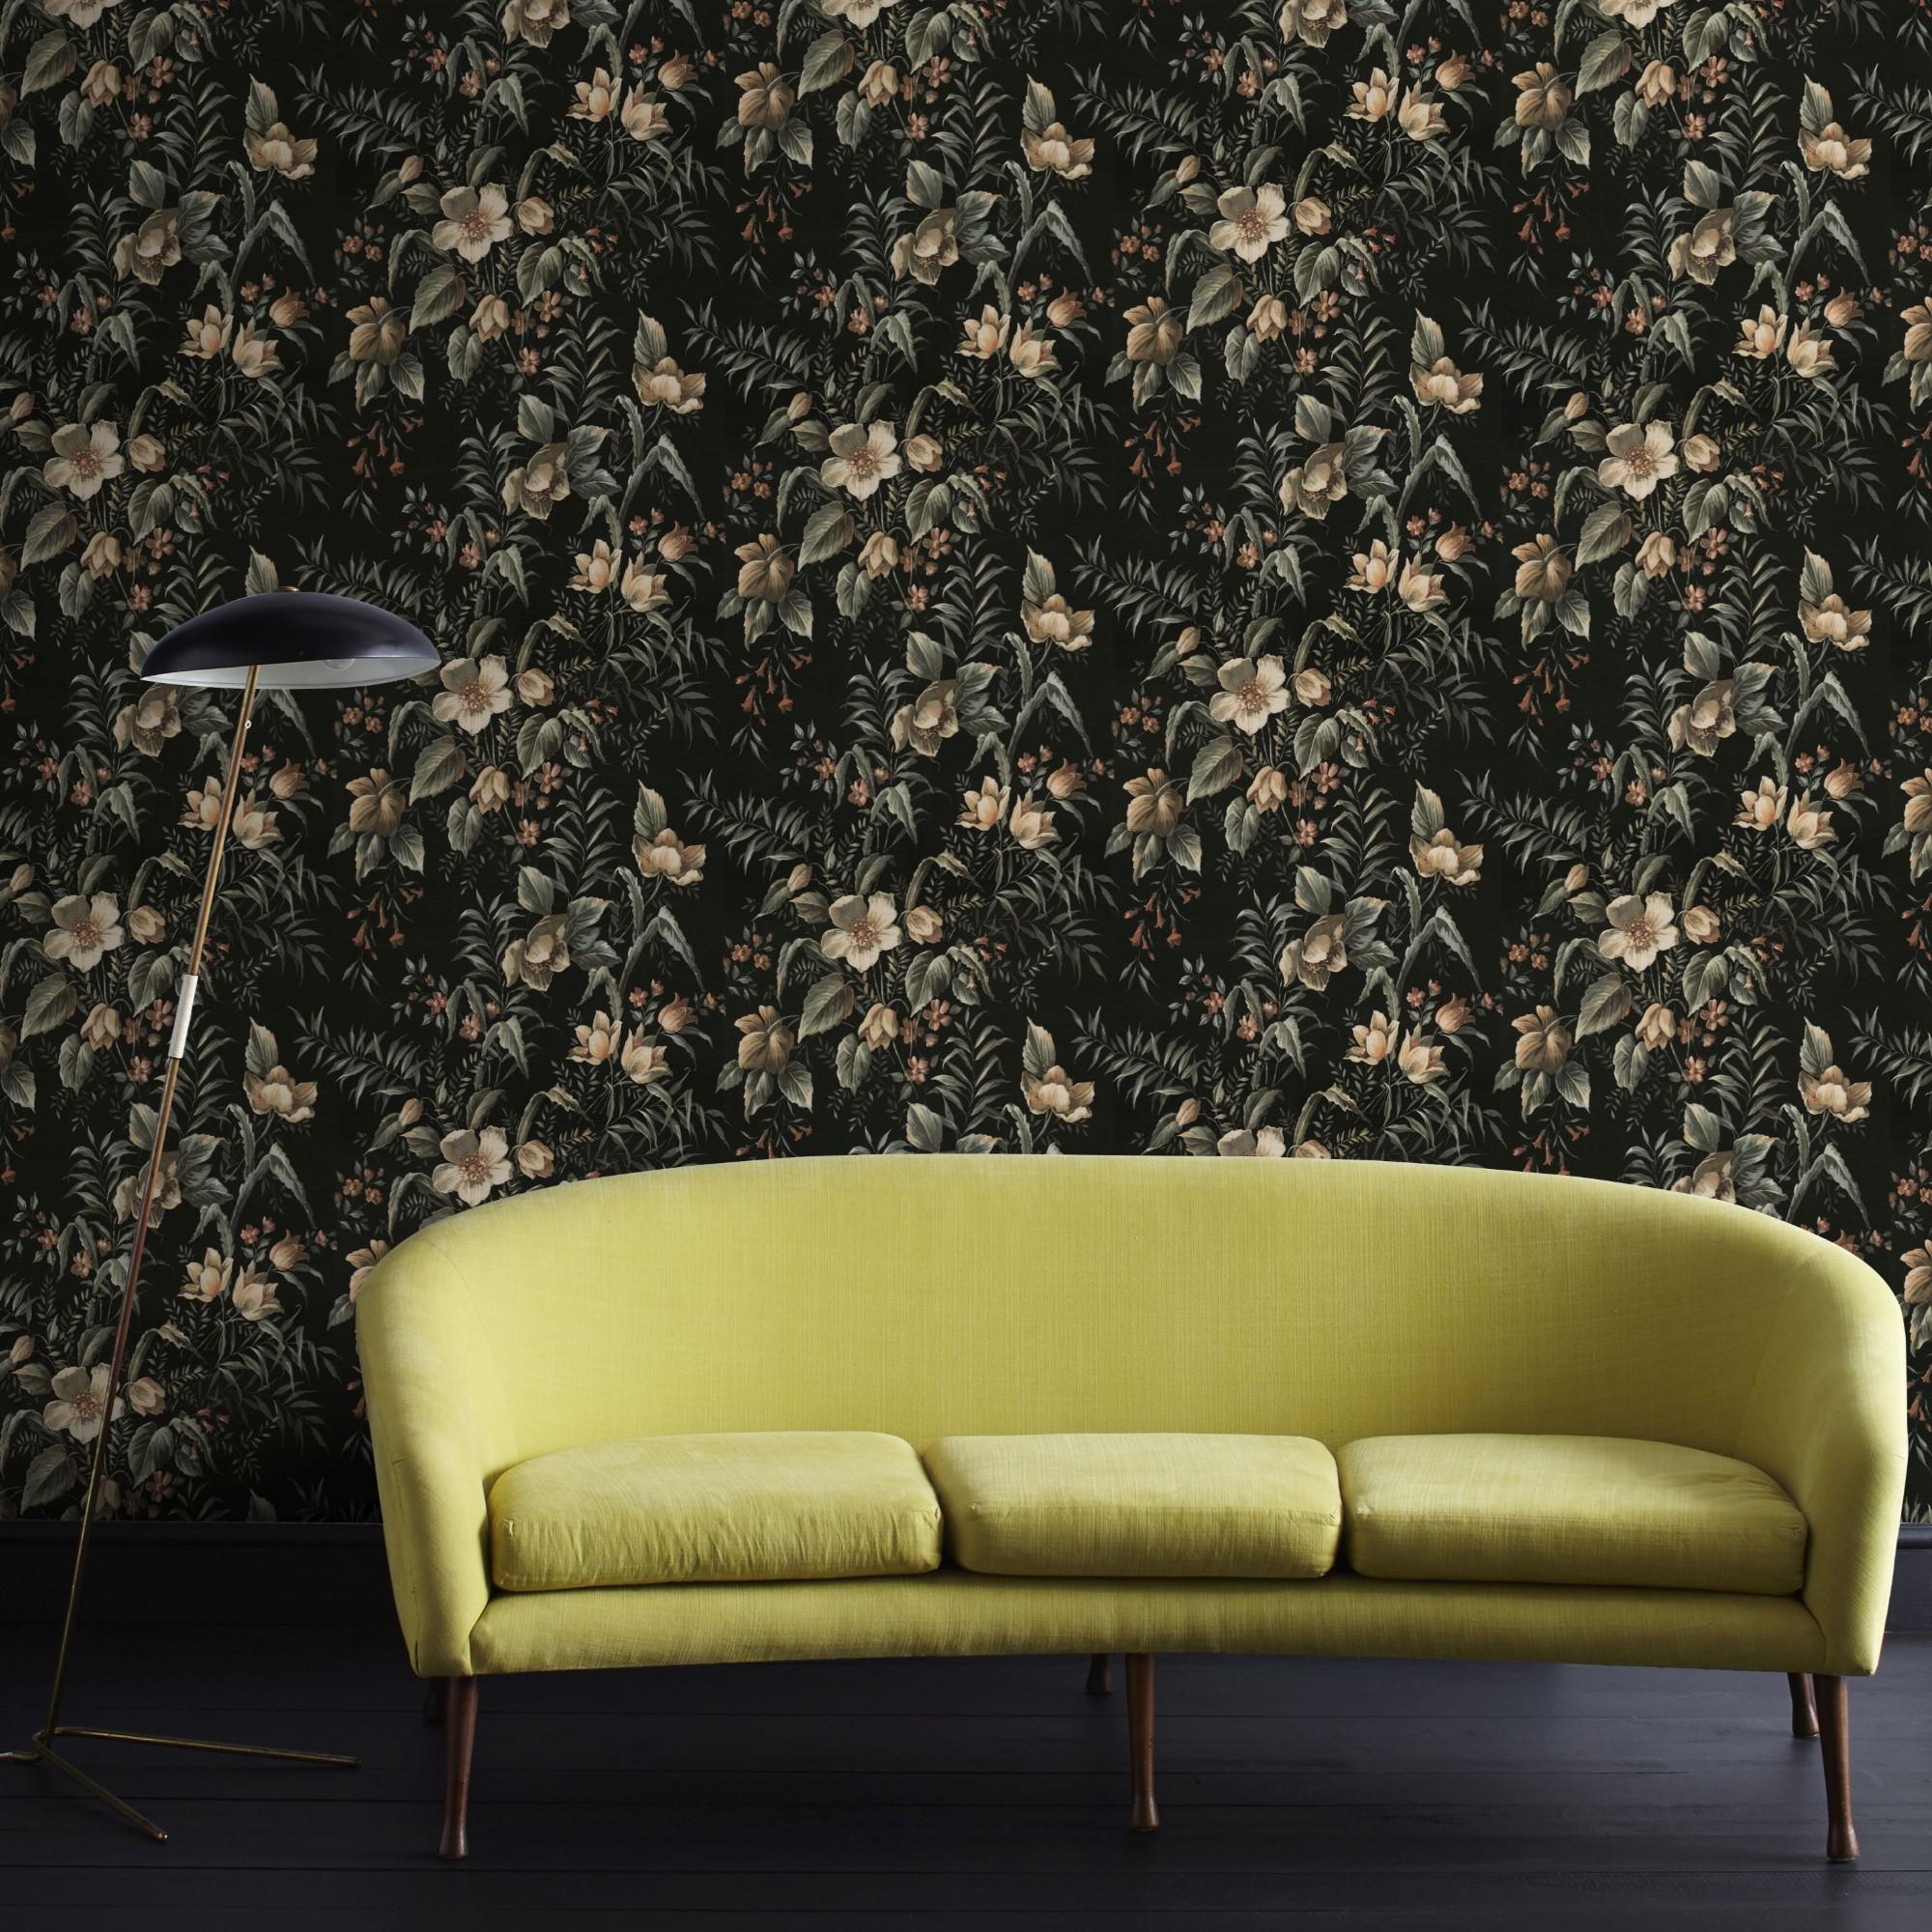 Papier peint intissé floral contemporain vert 1005x52cm